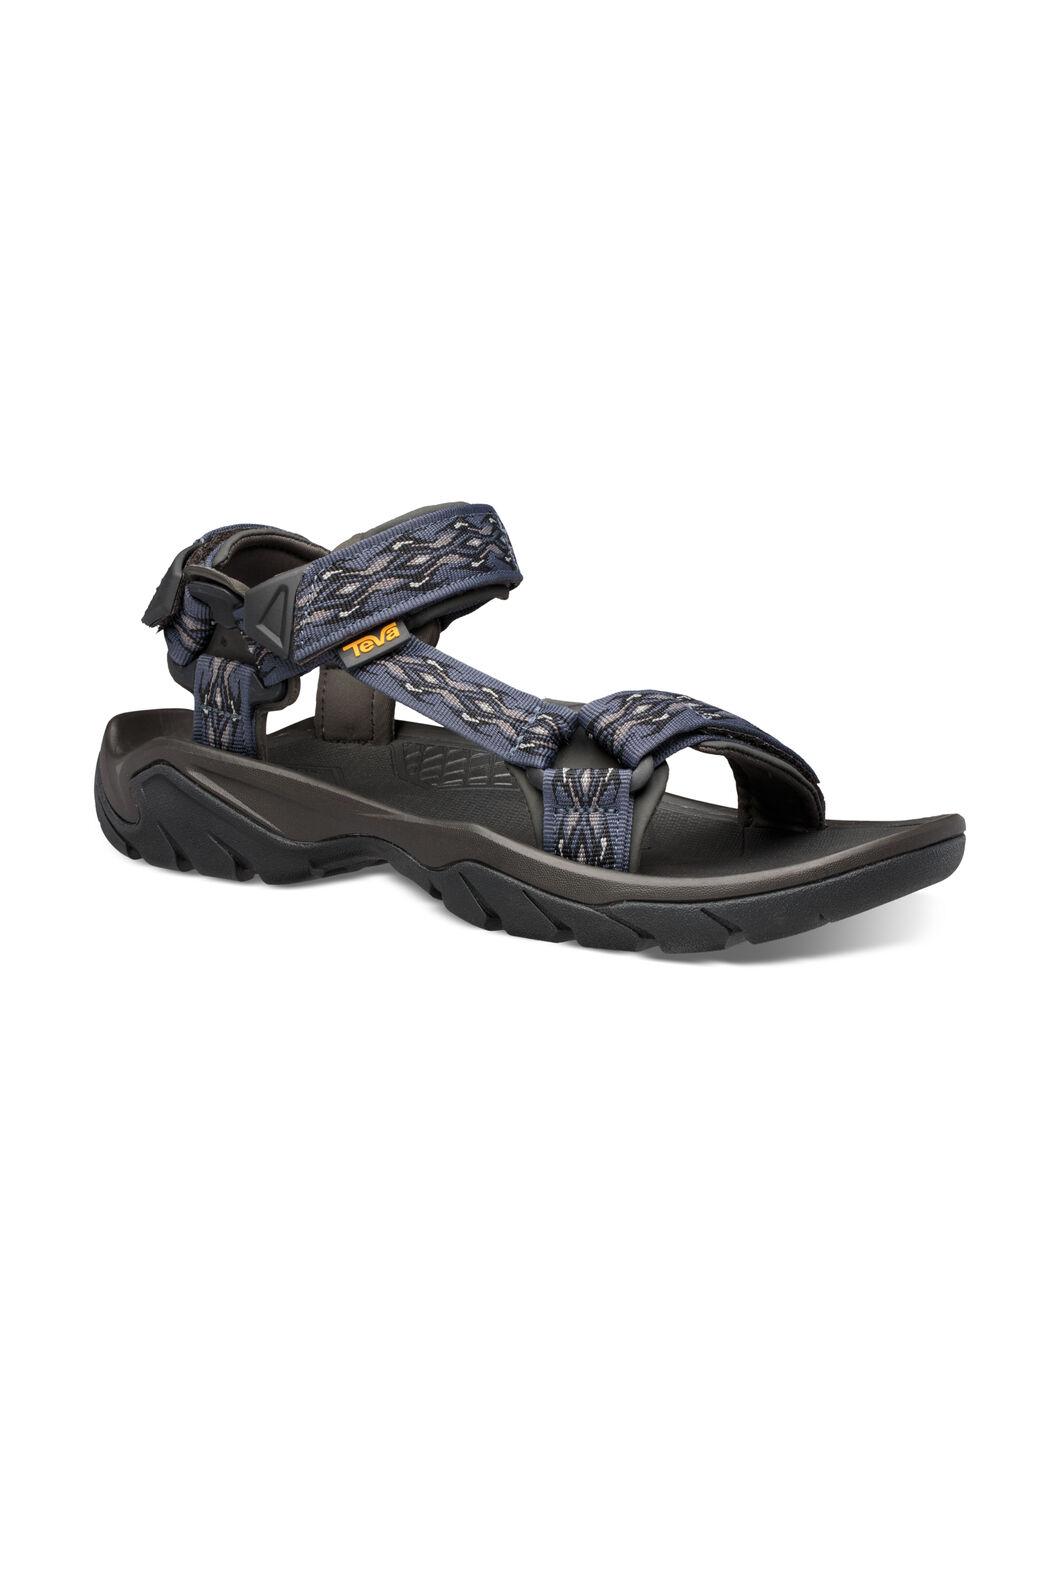 Teva Terra FI 5 Universal Sandals — Men's, Madang Blue, hi-res